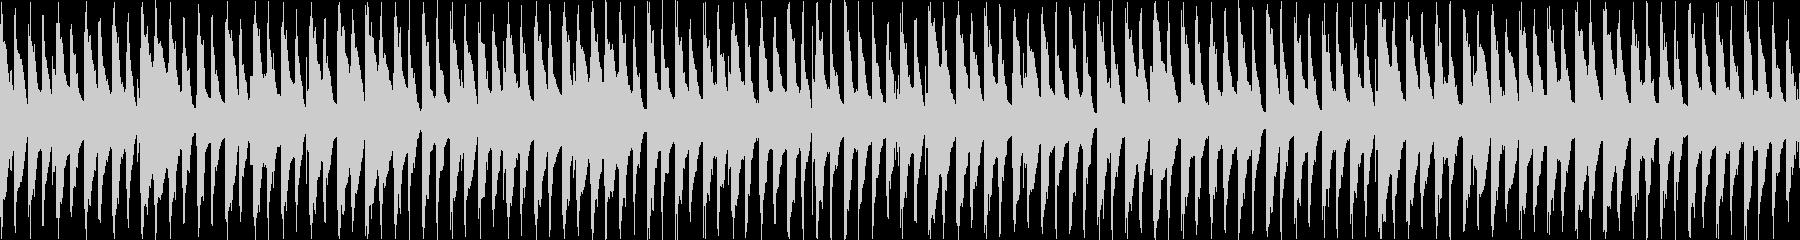 ピアノが跳ねたかわいいBGMの未再生の波形